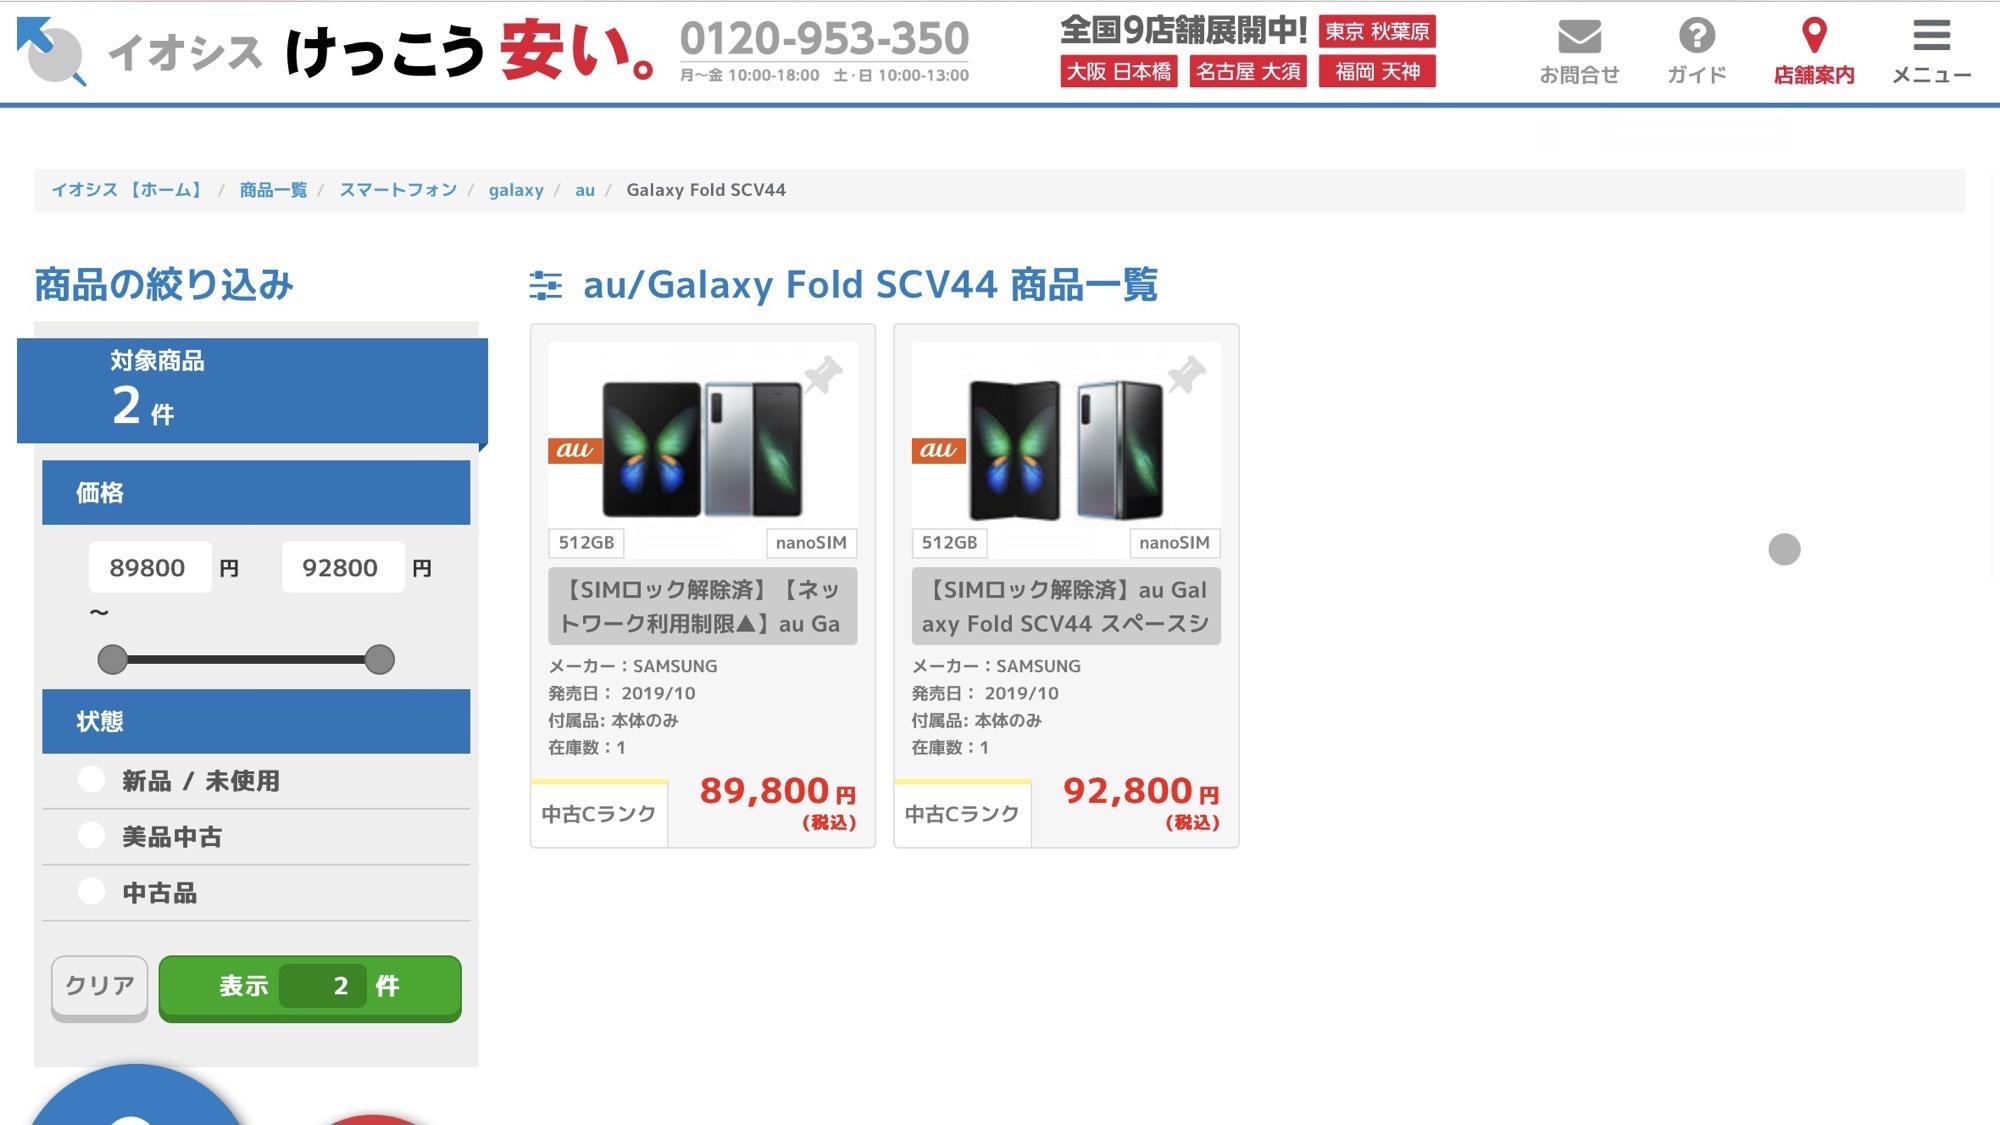 Galaxy Fold SCV44 イオシス